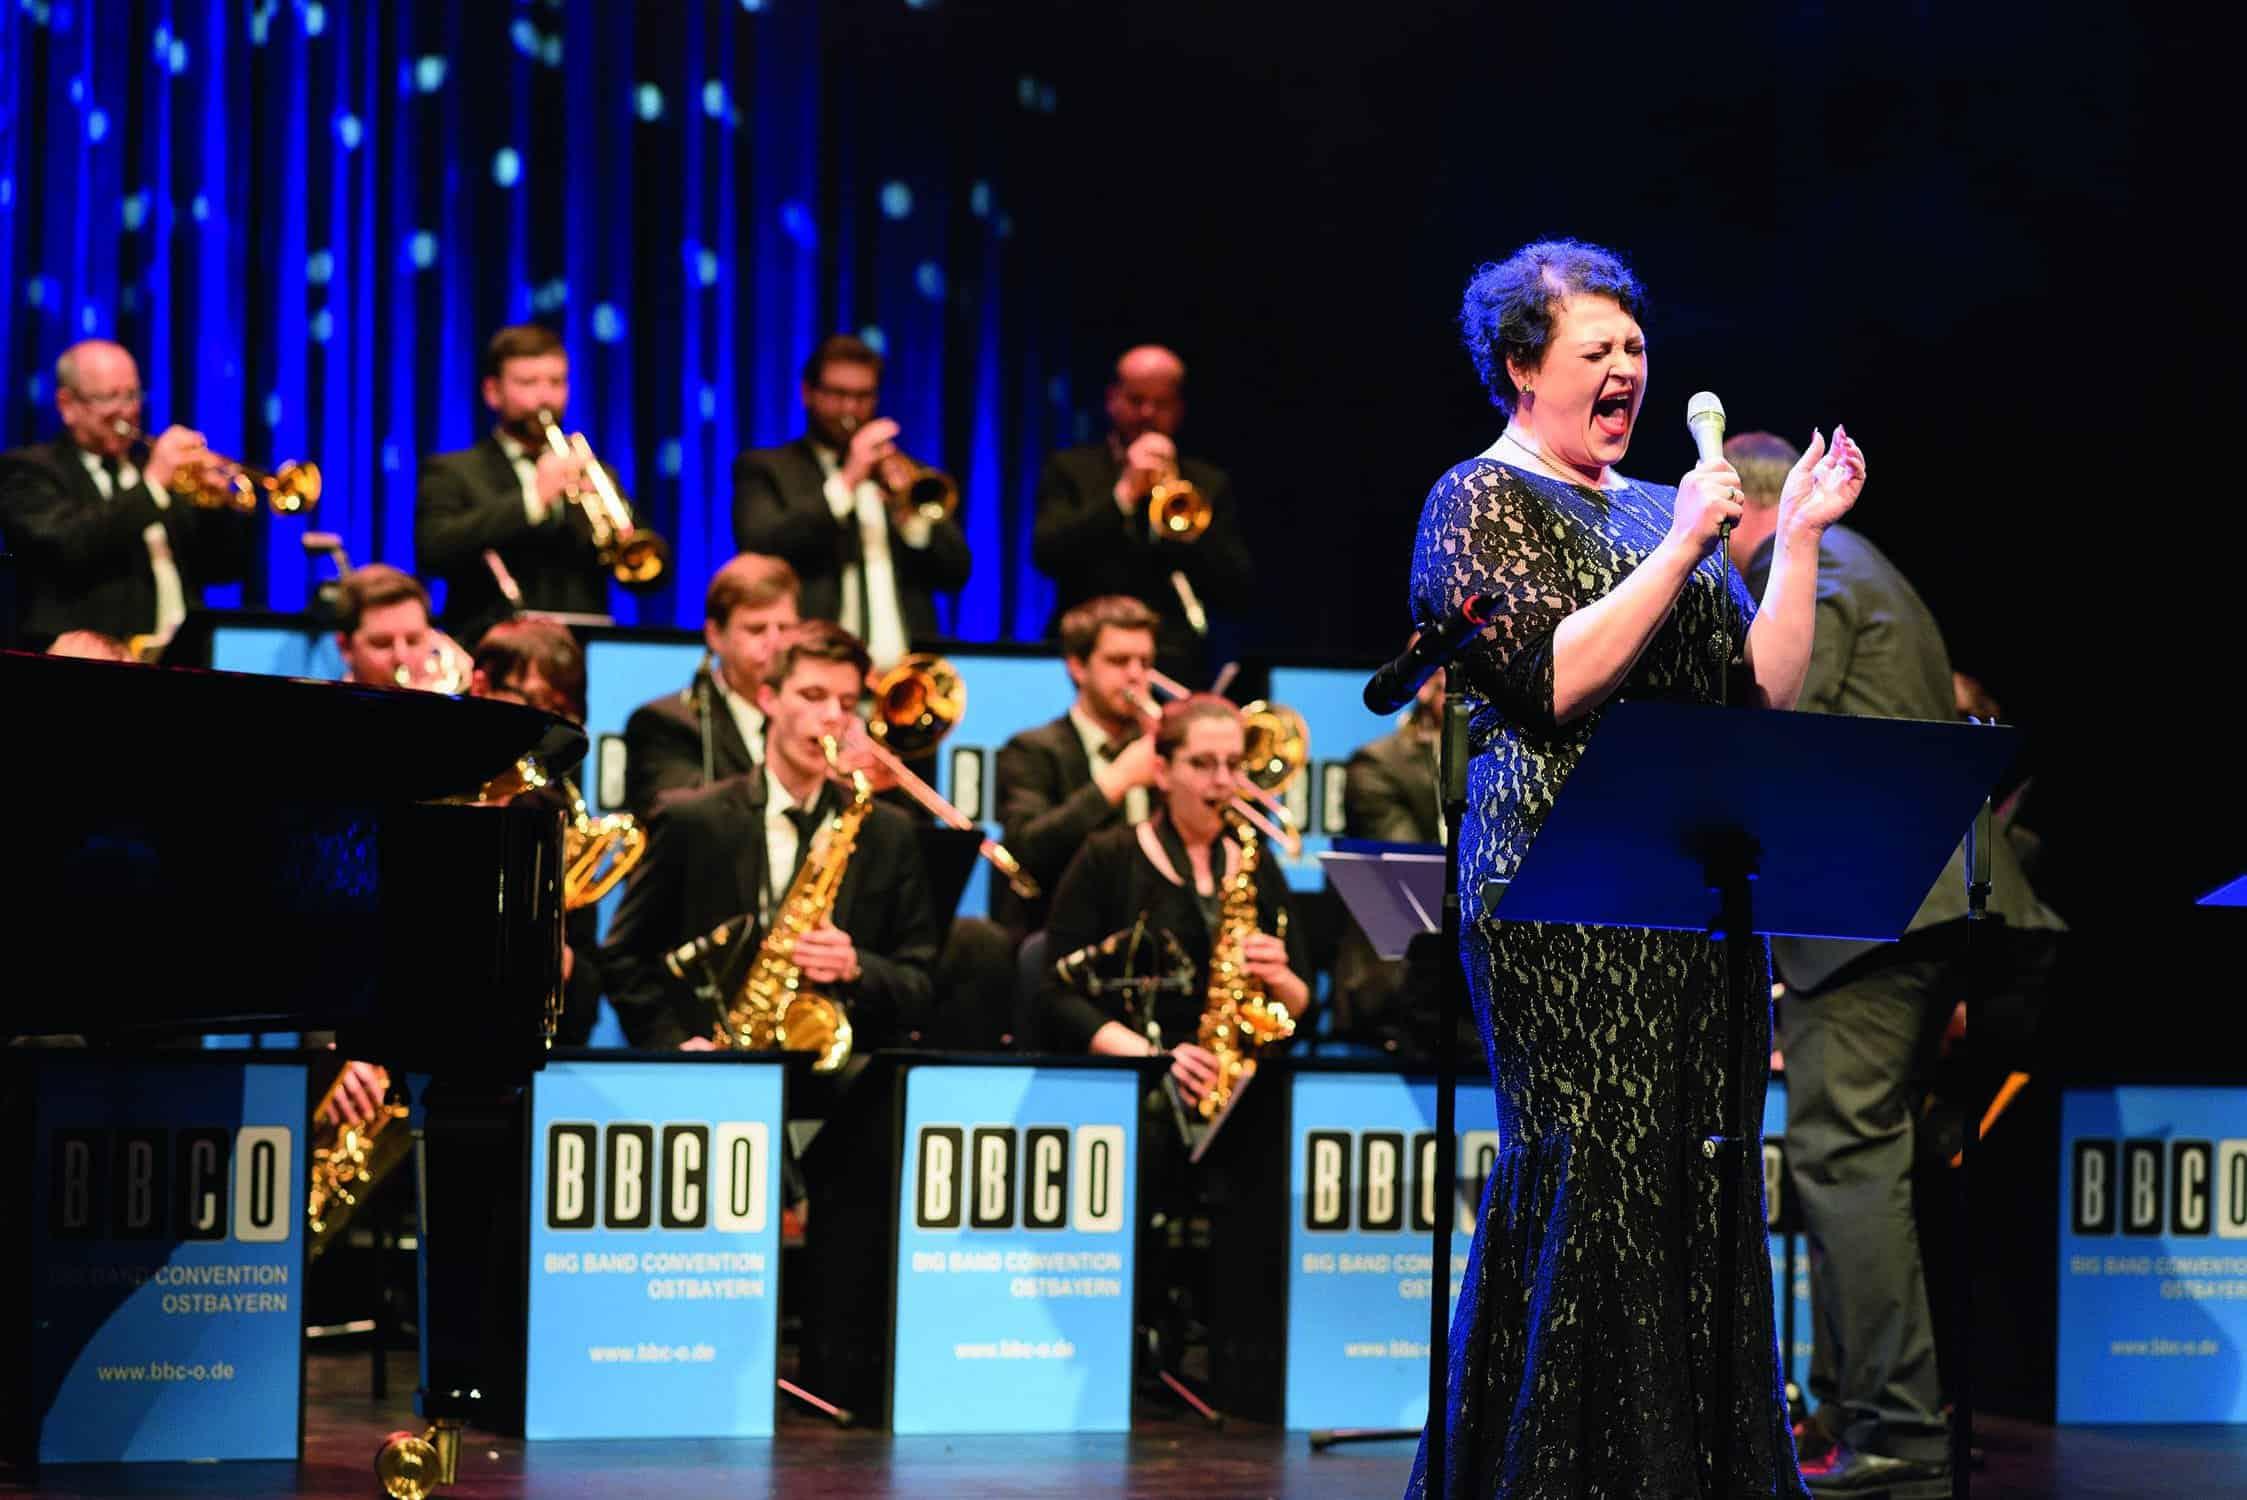 Big Band Convention Ostbayern feat. Steffi Denk @ Jazzclub im Leeren Beutel   Regensburg   Bayern   Deutschland